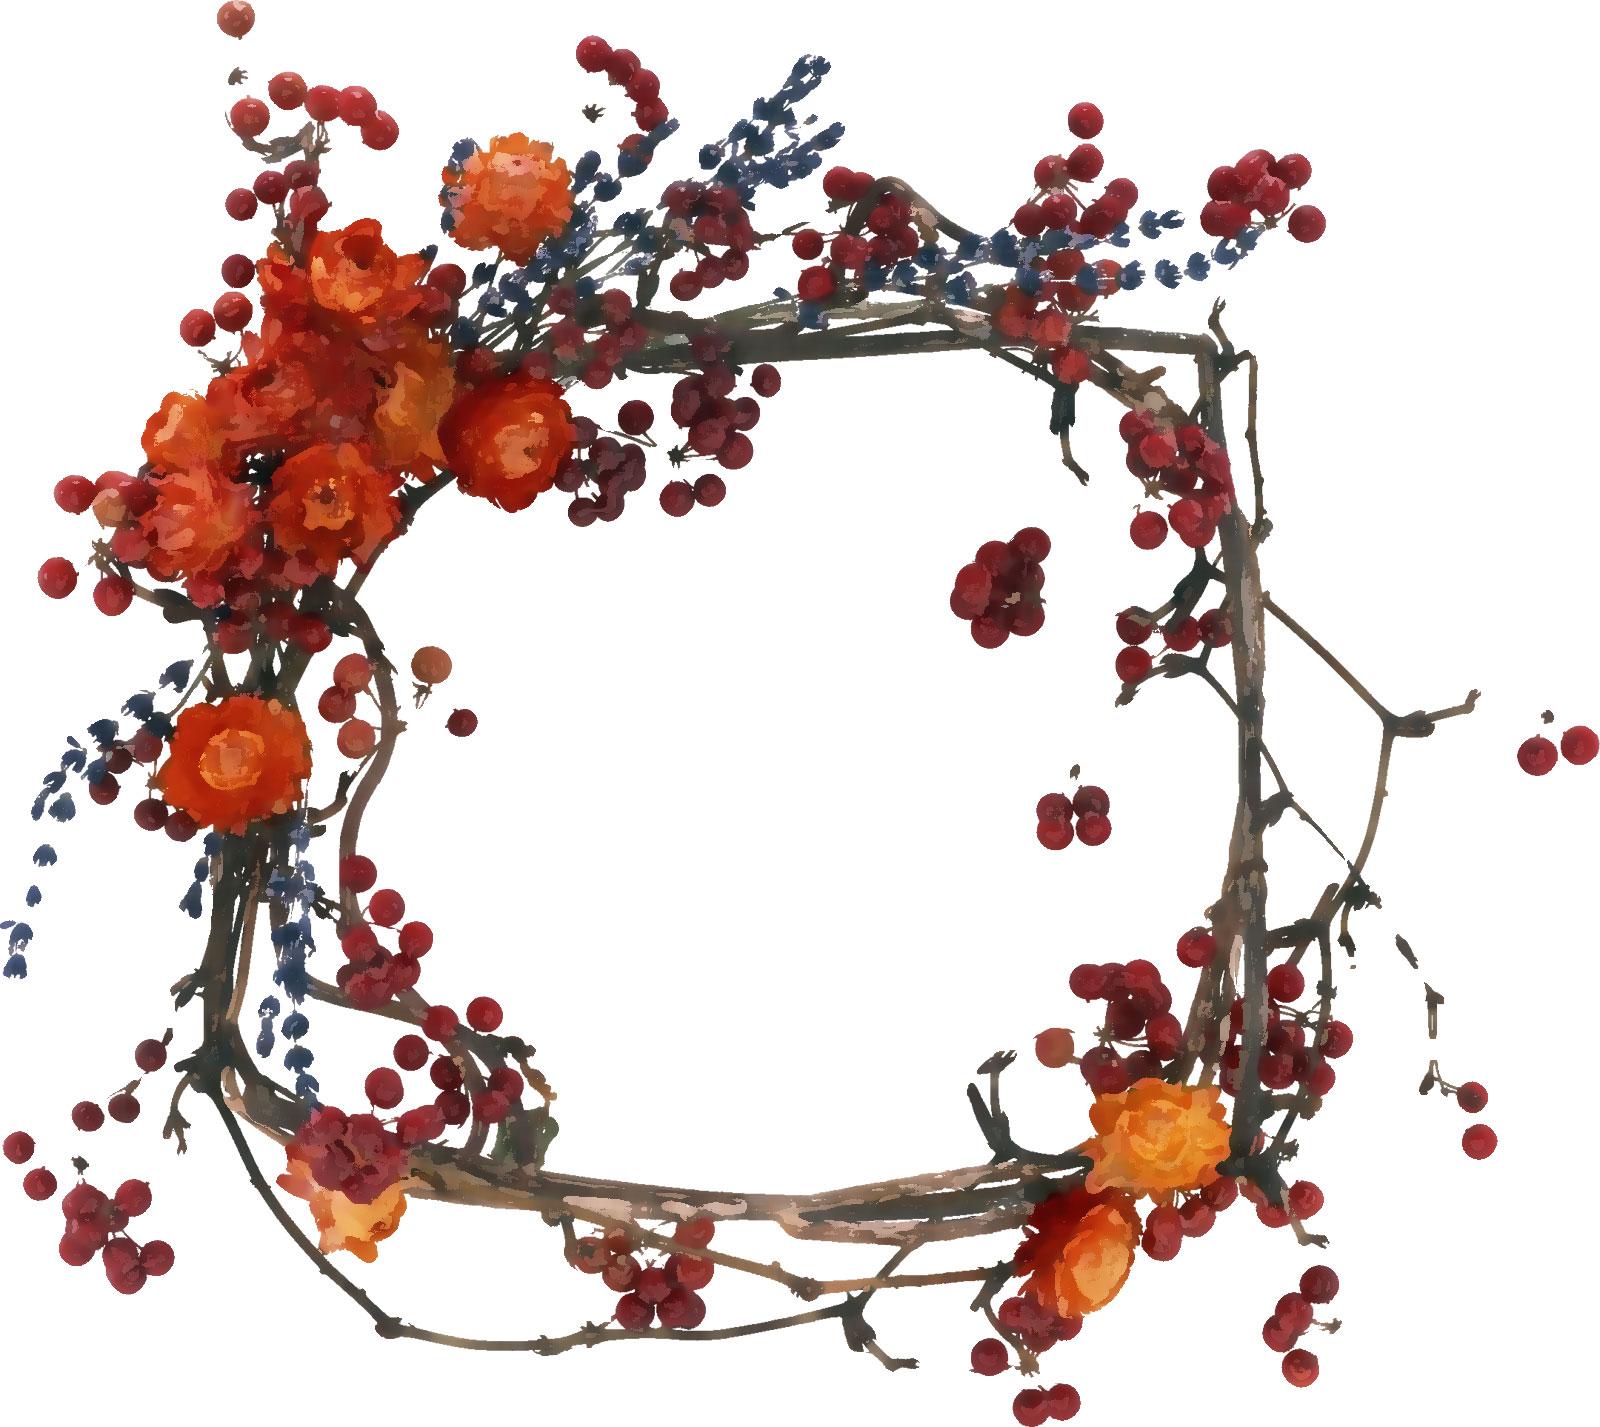 赤い花のイラストフリー素材no578ドライフラワー赤枝